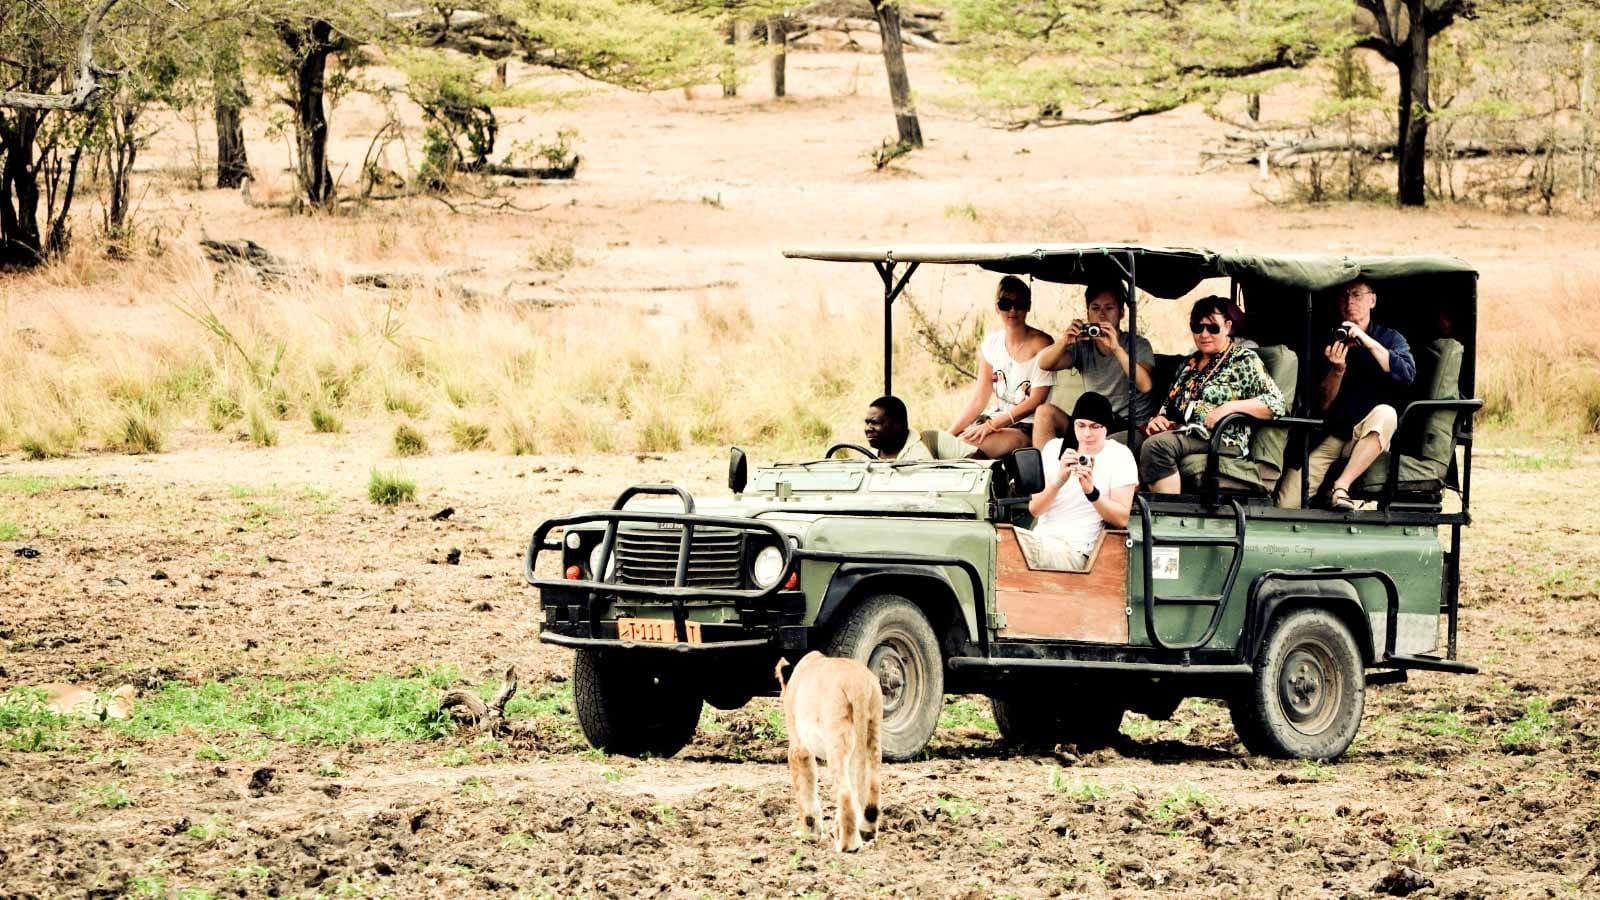 Medidas de seguridad en un safari